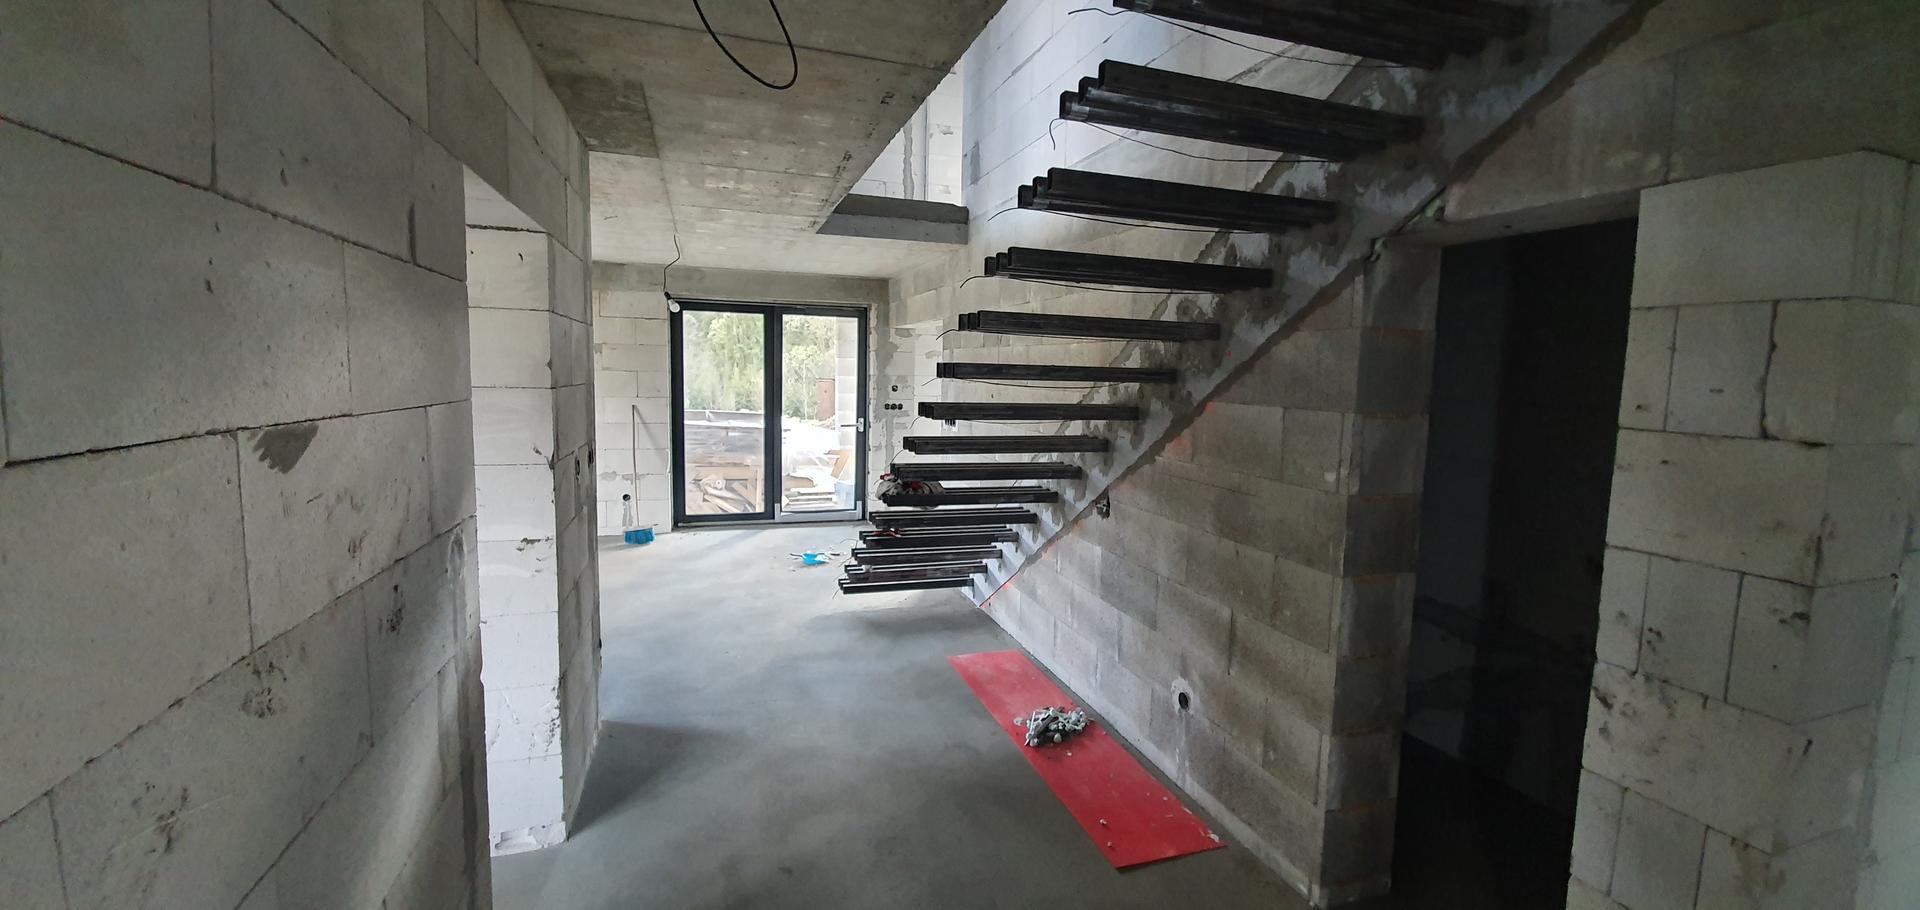 Konzolove schodisko (samonosne schody) - Lepenie XPS